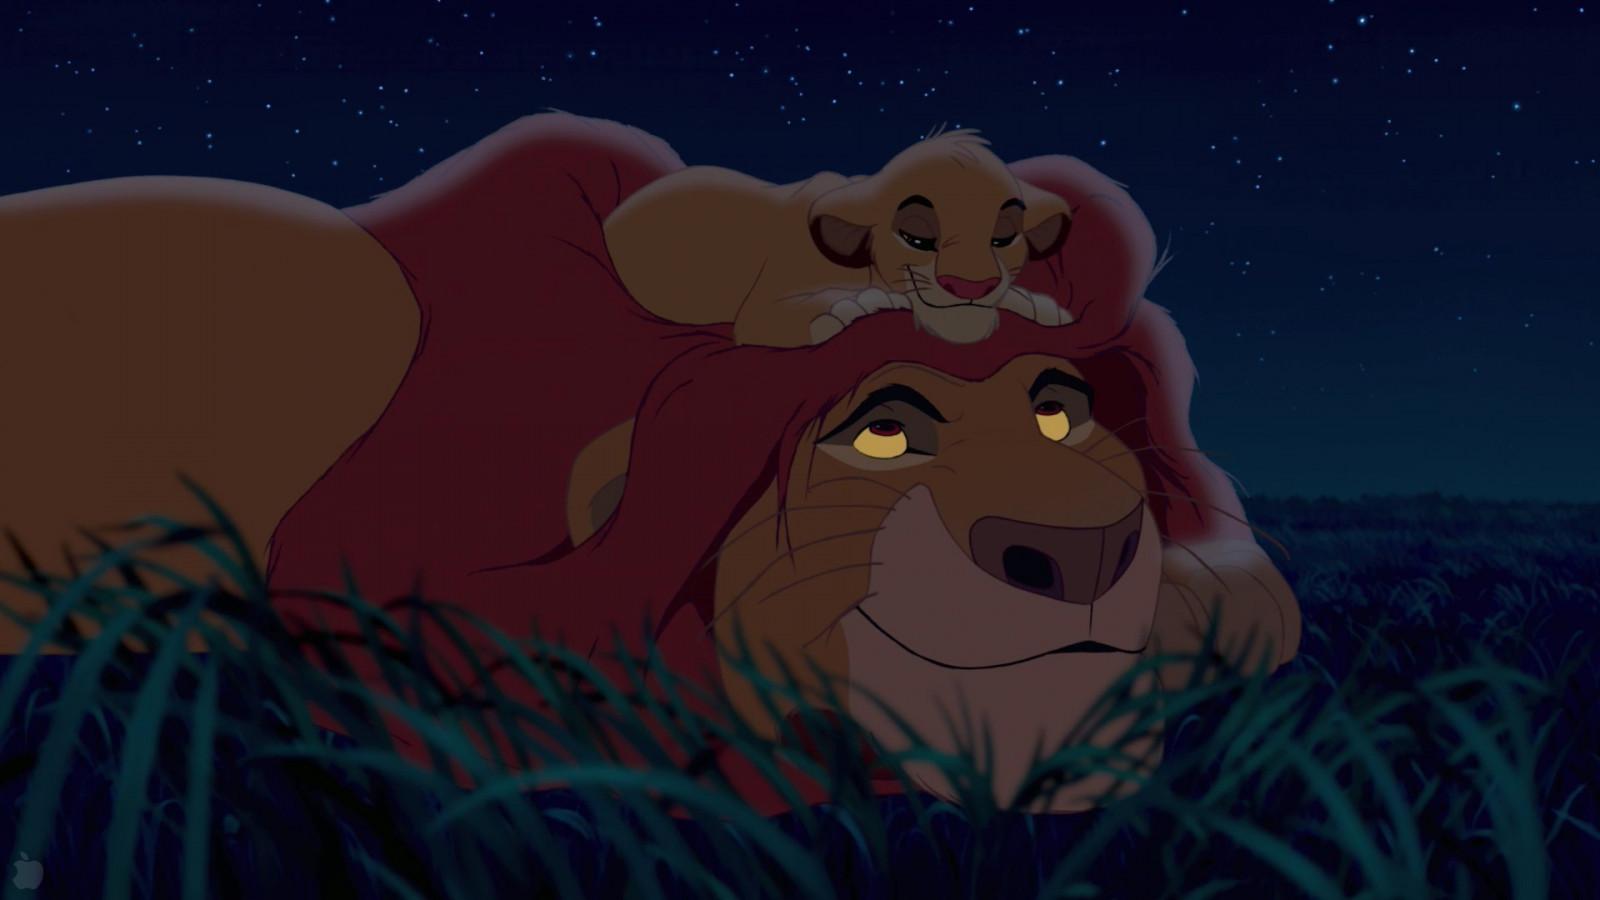 Sfondi illustrazione film leone cartone animato